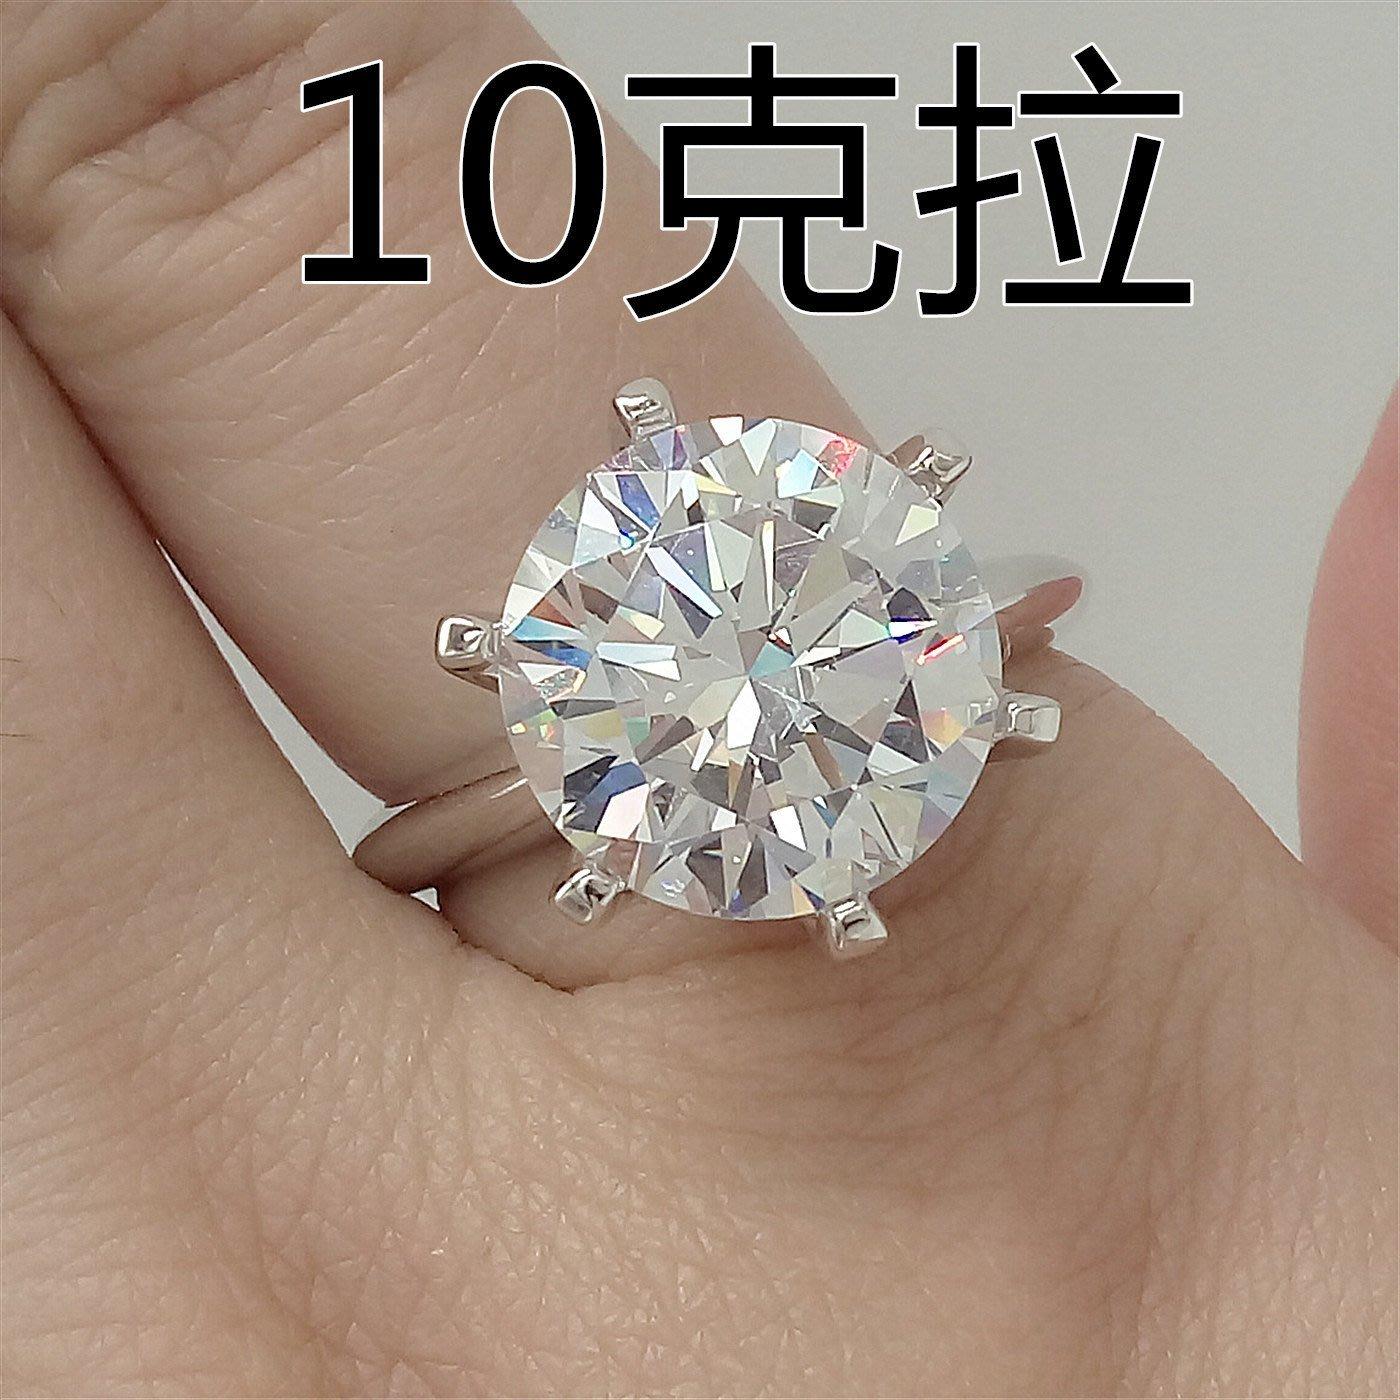 10克拉超大鑽戒T家六爪鑲鑽戒求婚 結婚 情人節禮物 鑽石純銀包白金戒指 高碳仿真鑽莫桑石  FOREVER鑽寶